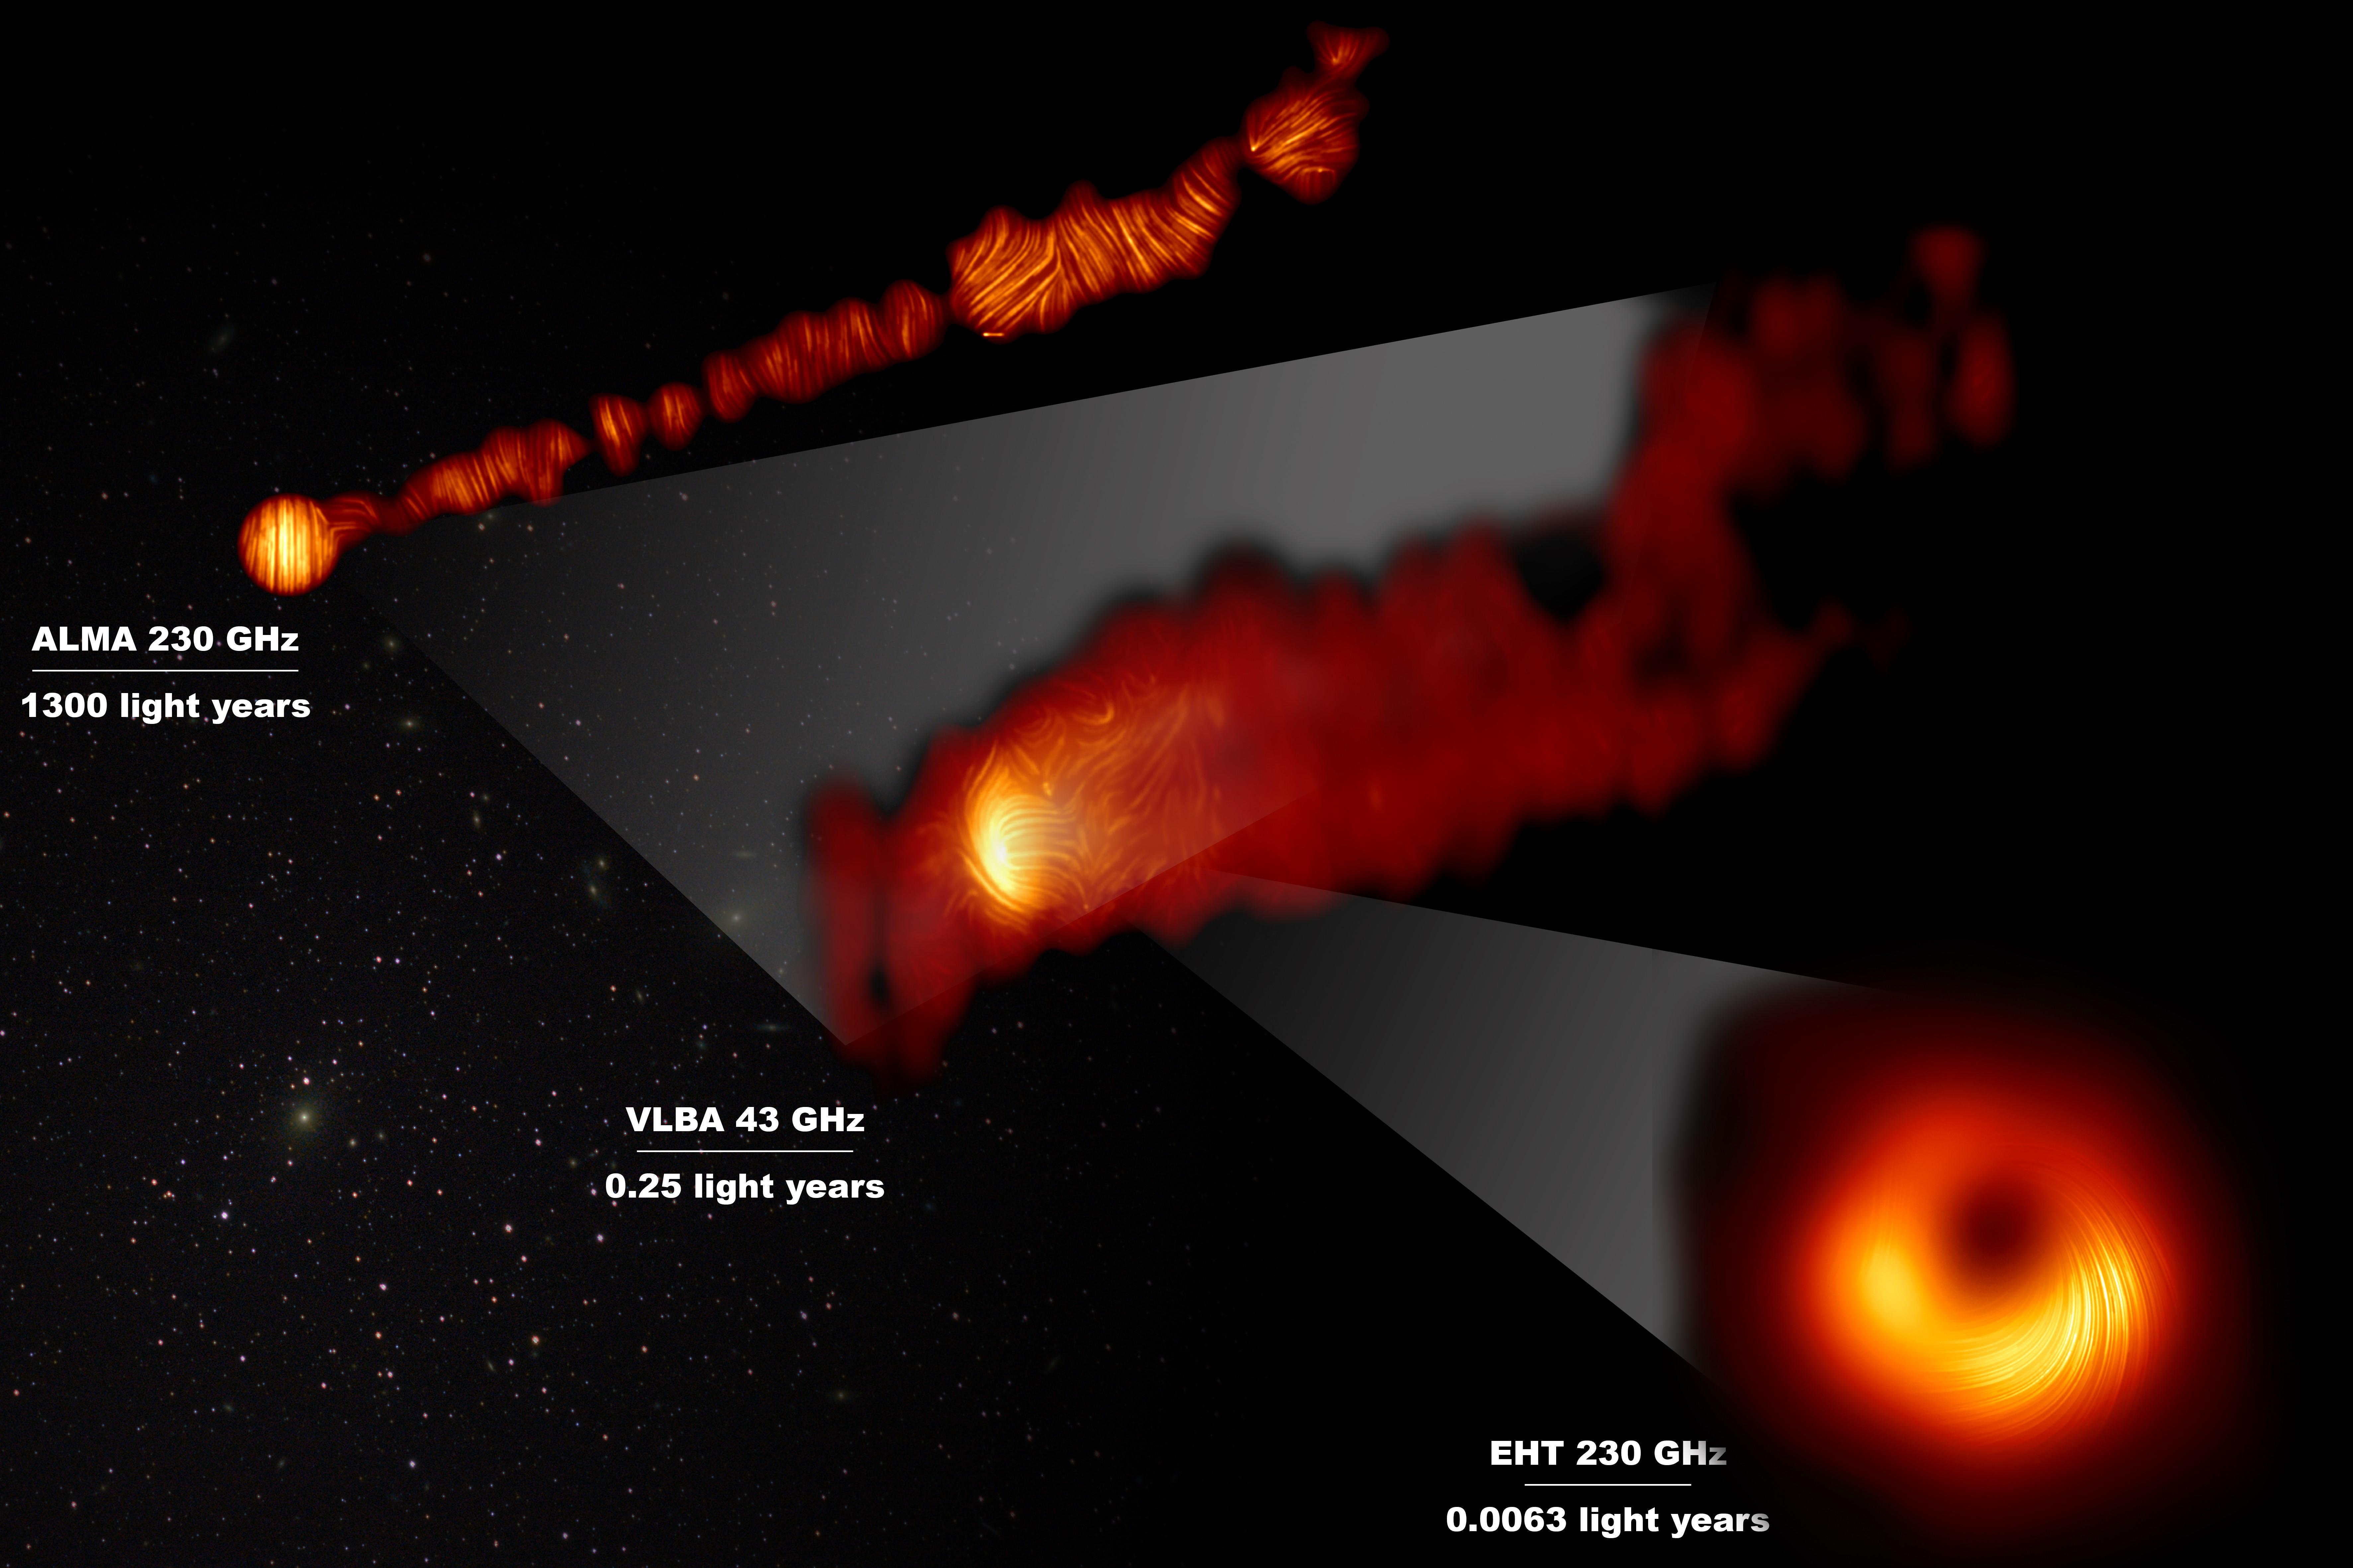 Vue du jet depuis le centre de M87 en lumière polarisée (en haut), sur une distance de 1 300 années-lumière;  une vue agrandie du télescope VLBA couvrant 0,25 année-lumière (milieu);  la lueur polarisée autour du trou noir, observée par le télescope Event Horizon (en bas).